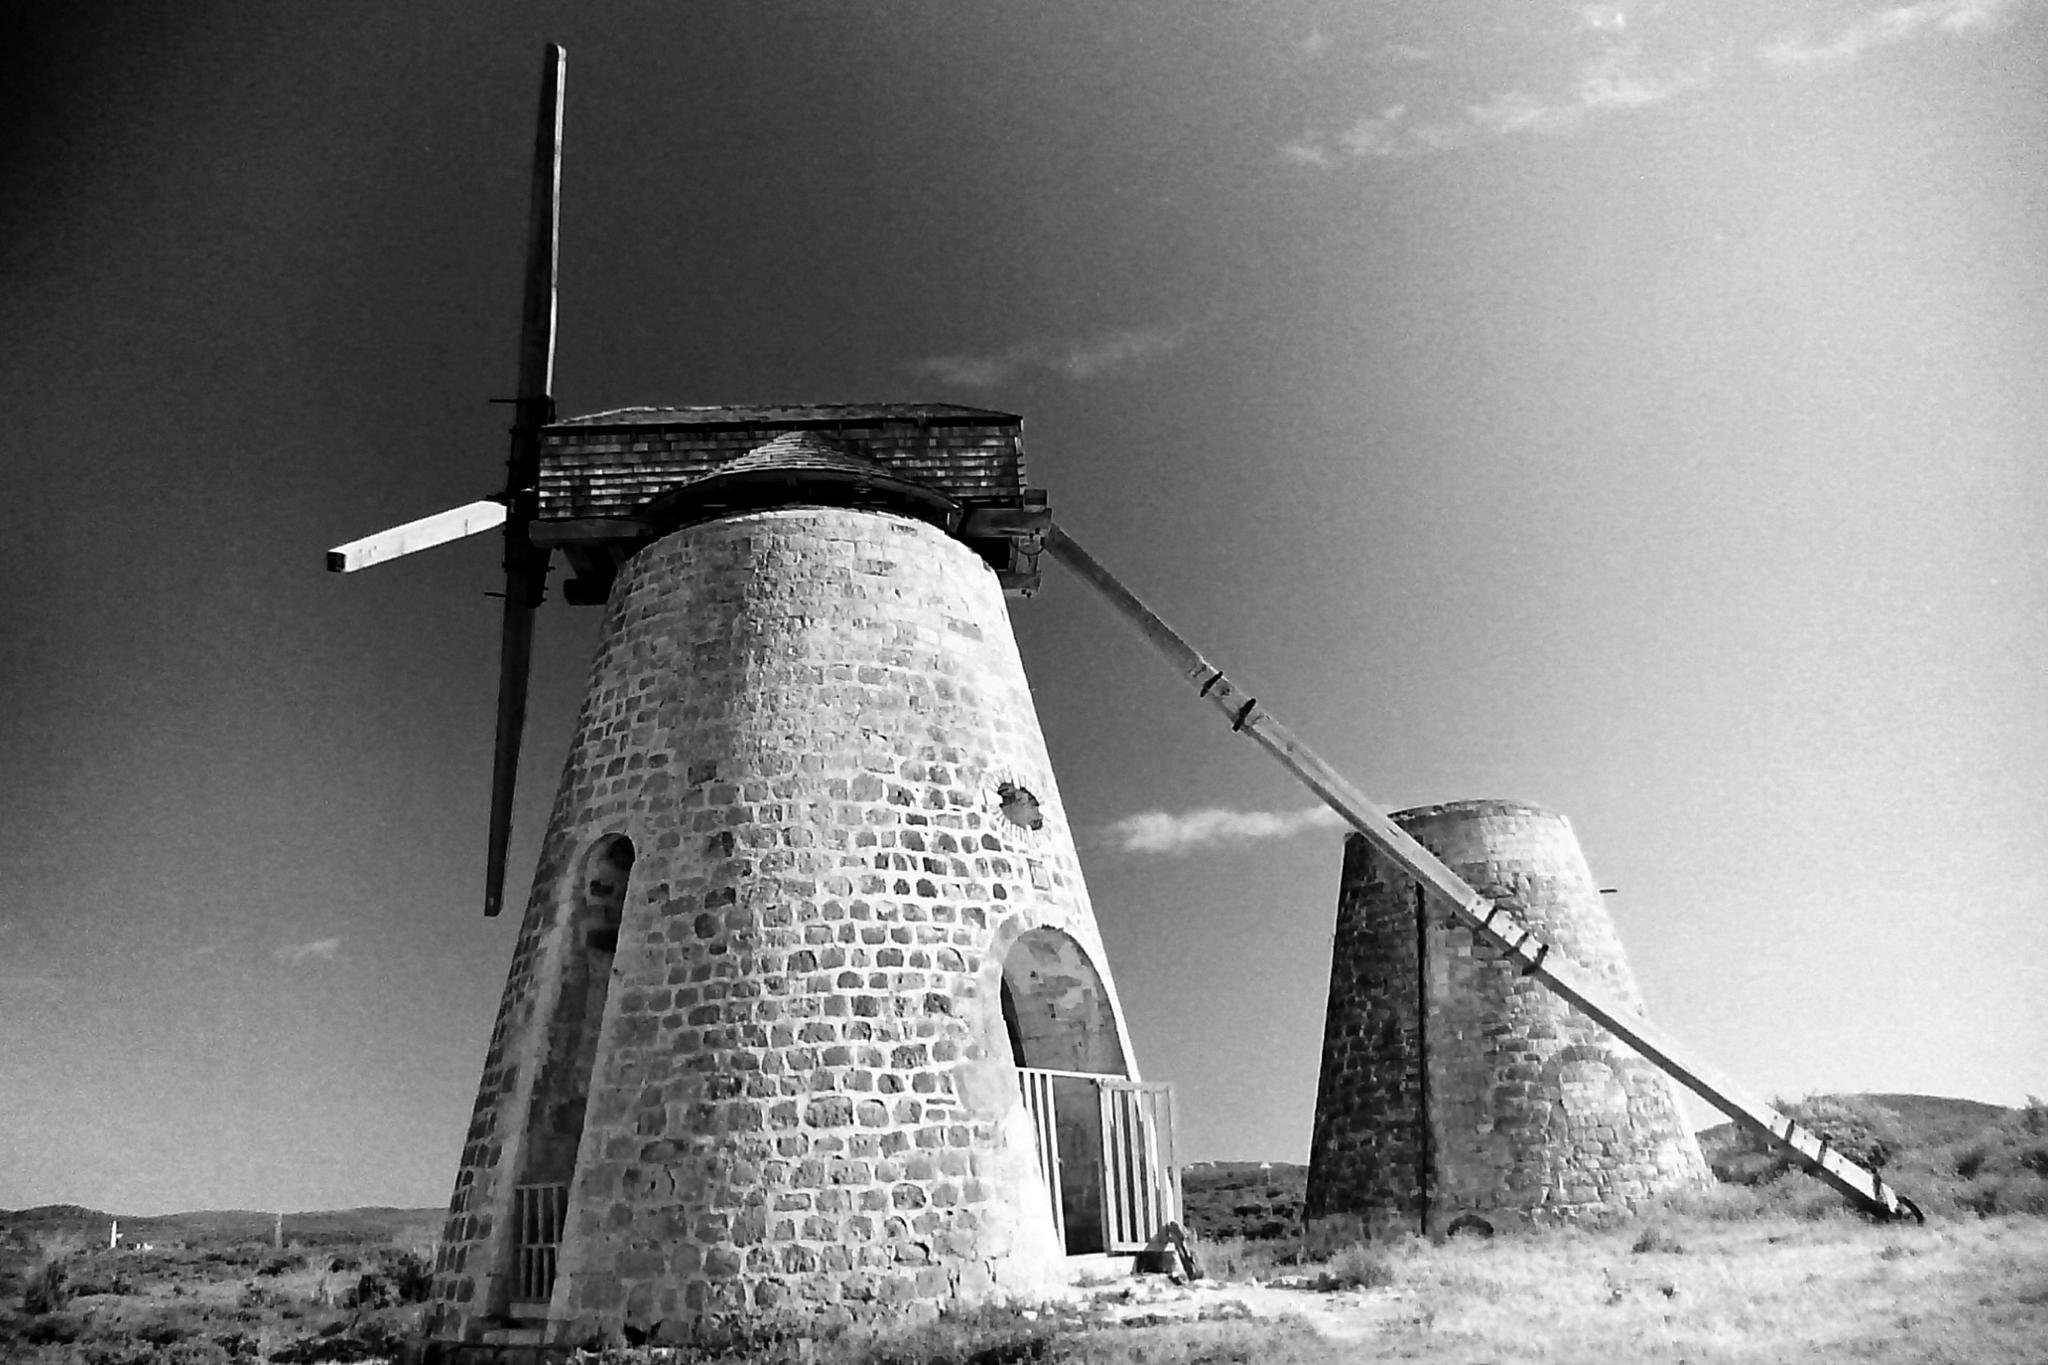 Nevis Sugar Cane windmills by Warren